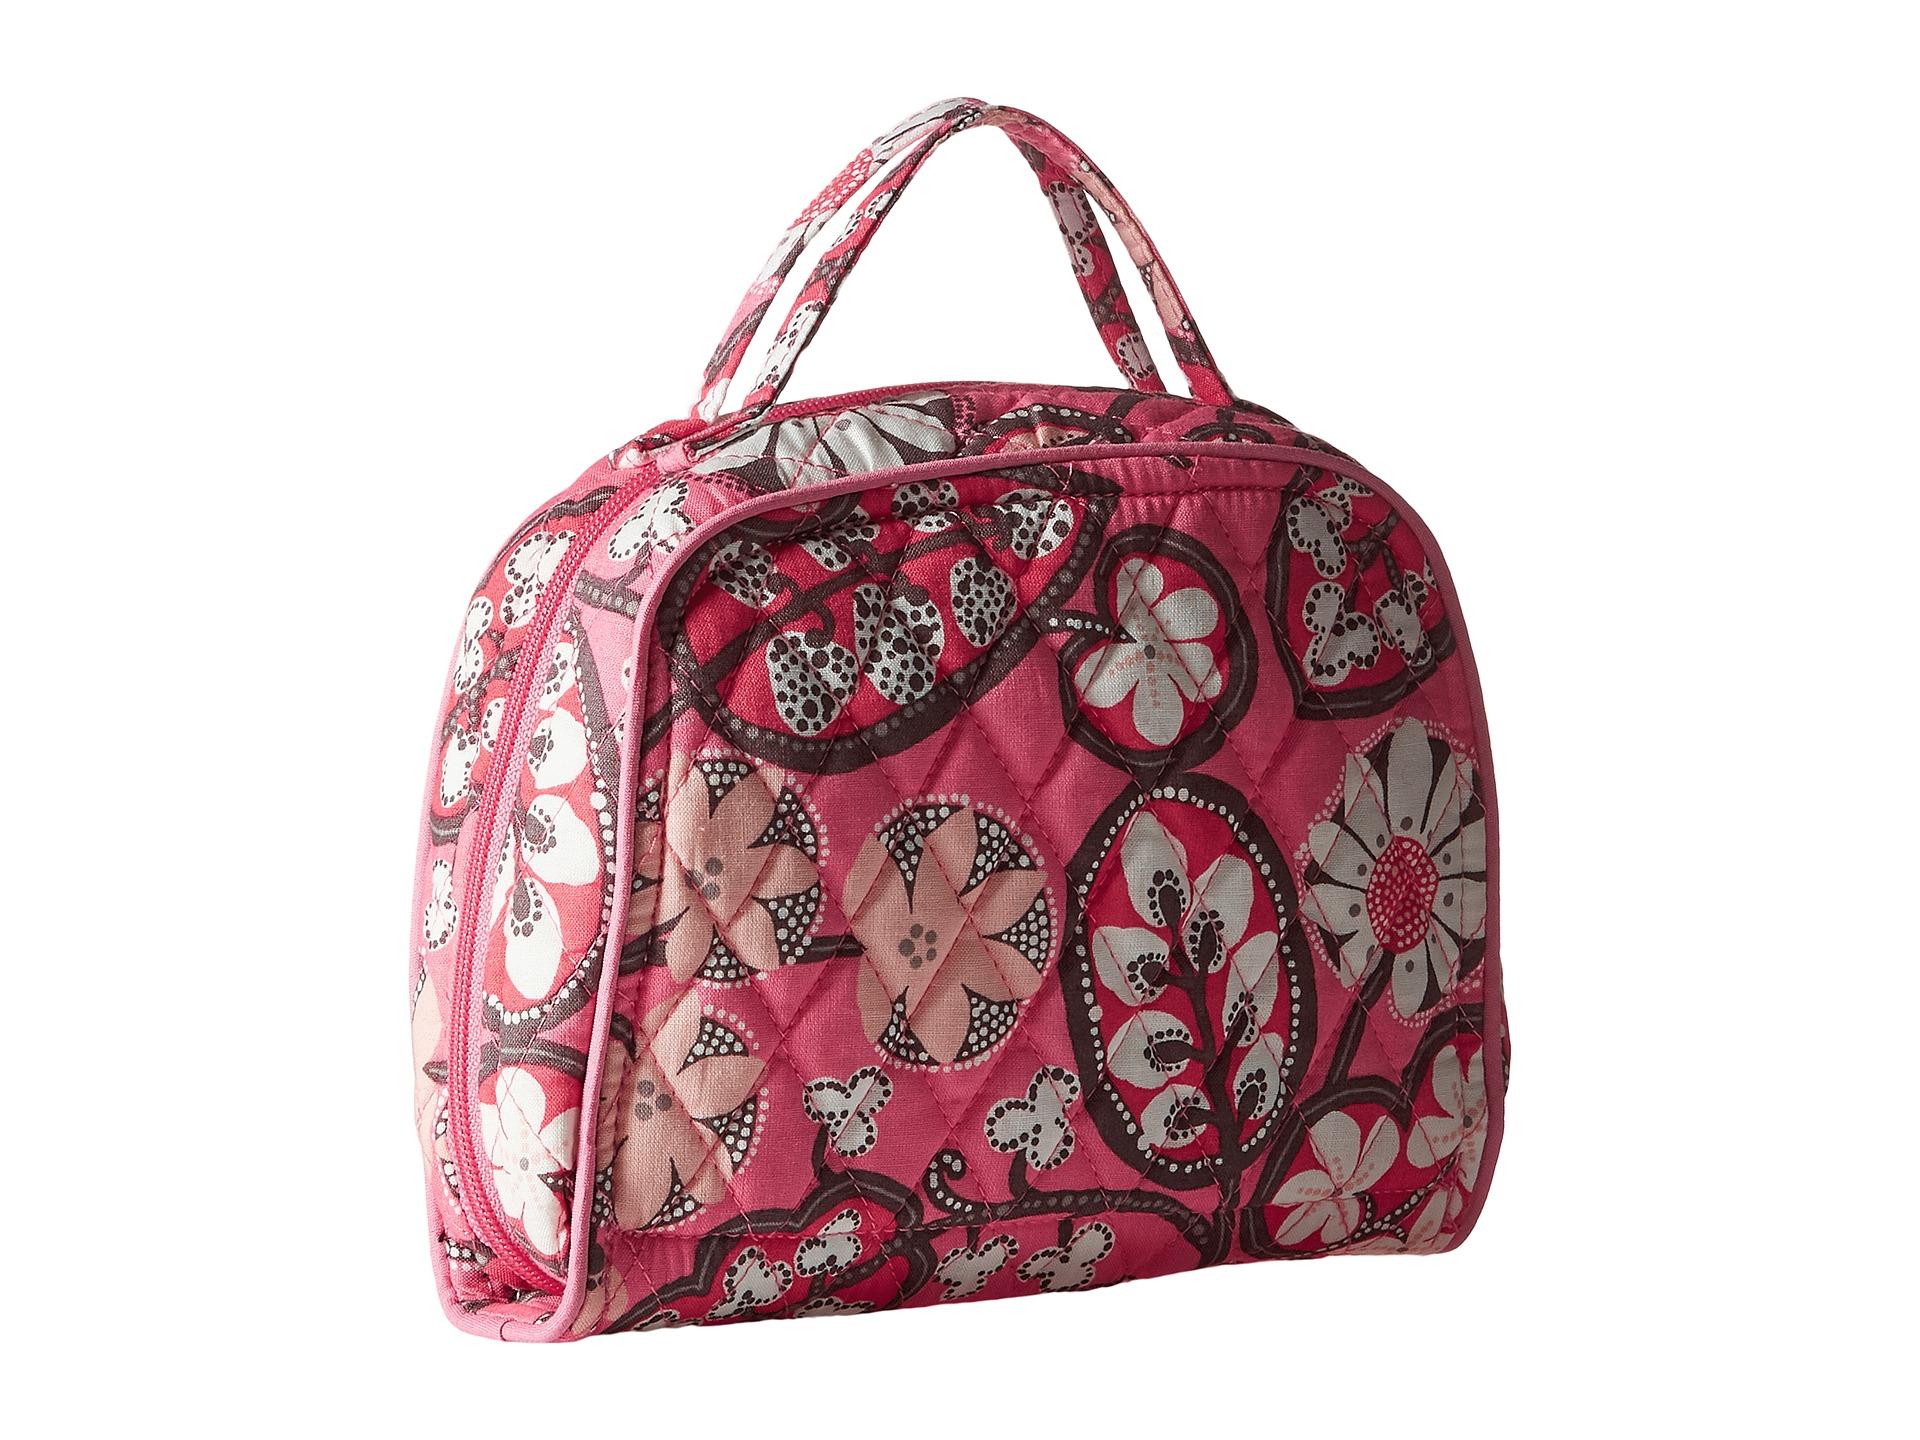 vera bradley luggage travel jewelry organizer zappos